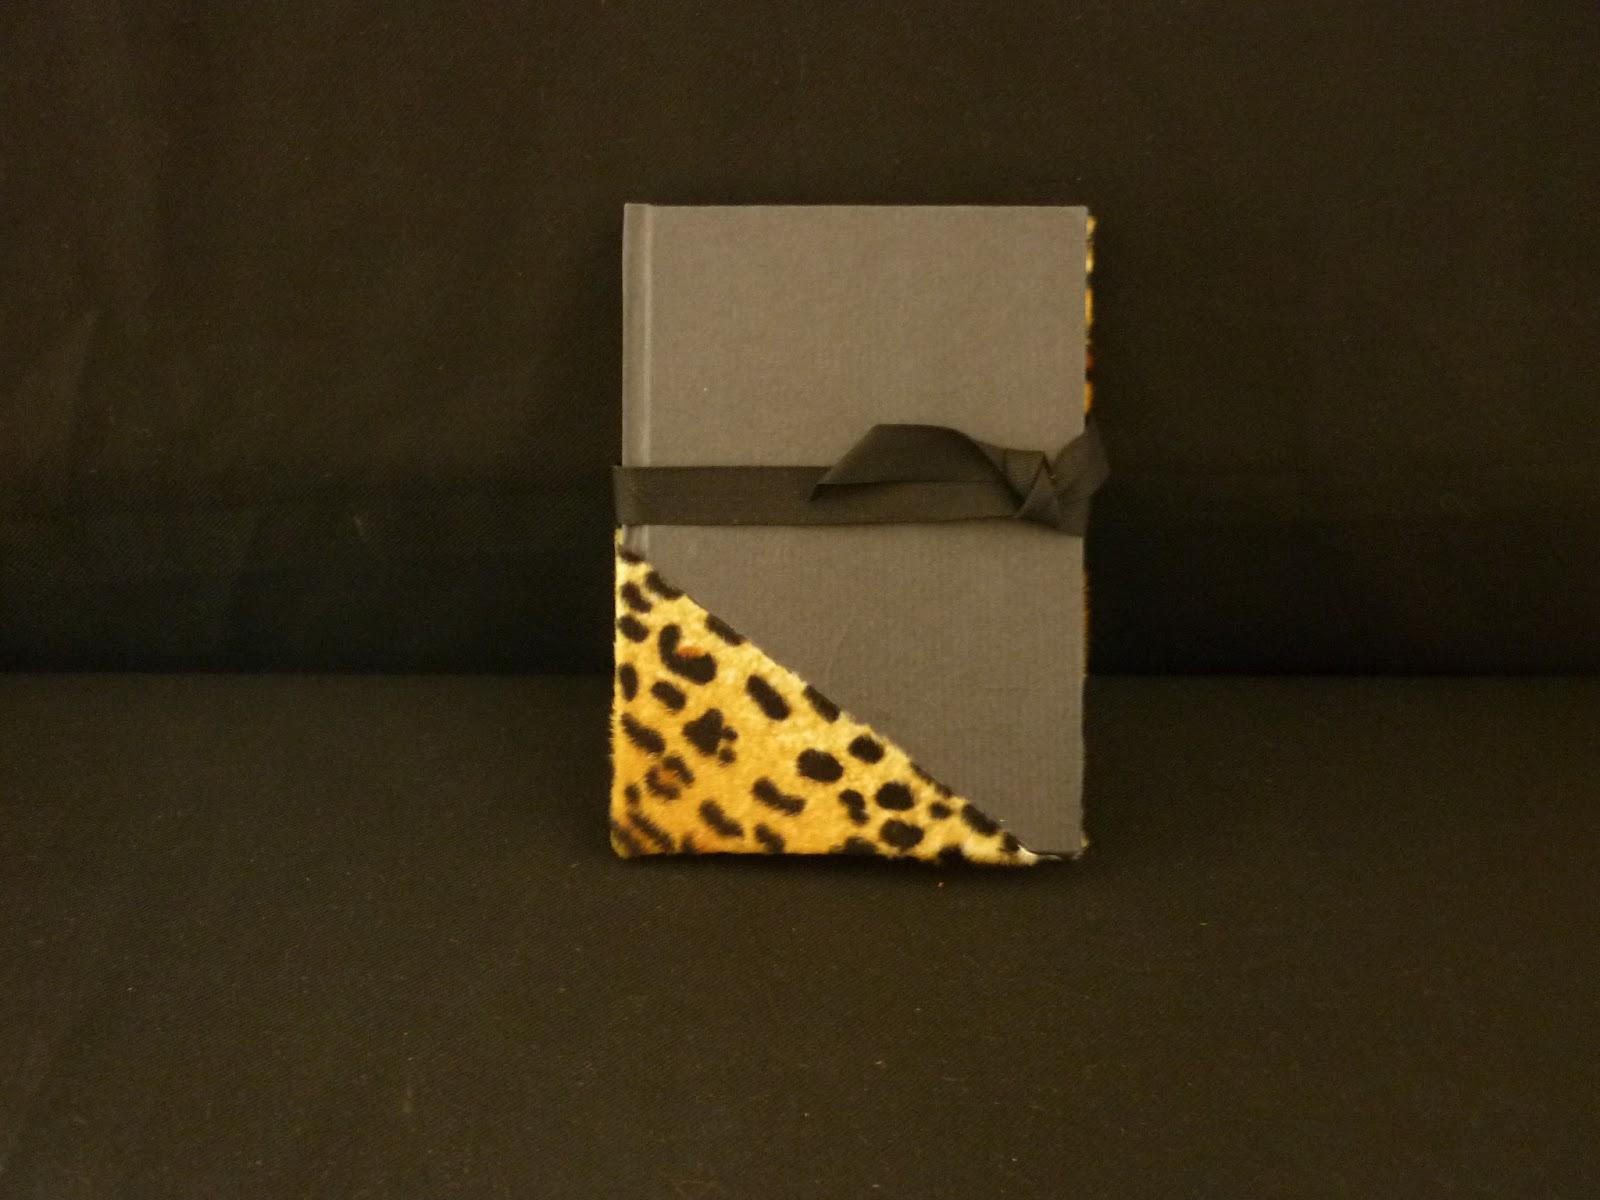 Artesan as leomar cuadernos de papel y tela 3 - Papel y telas ...